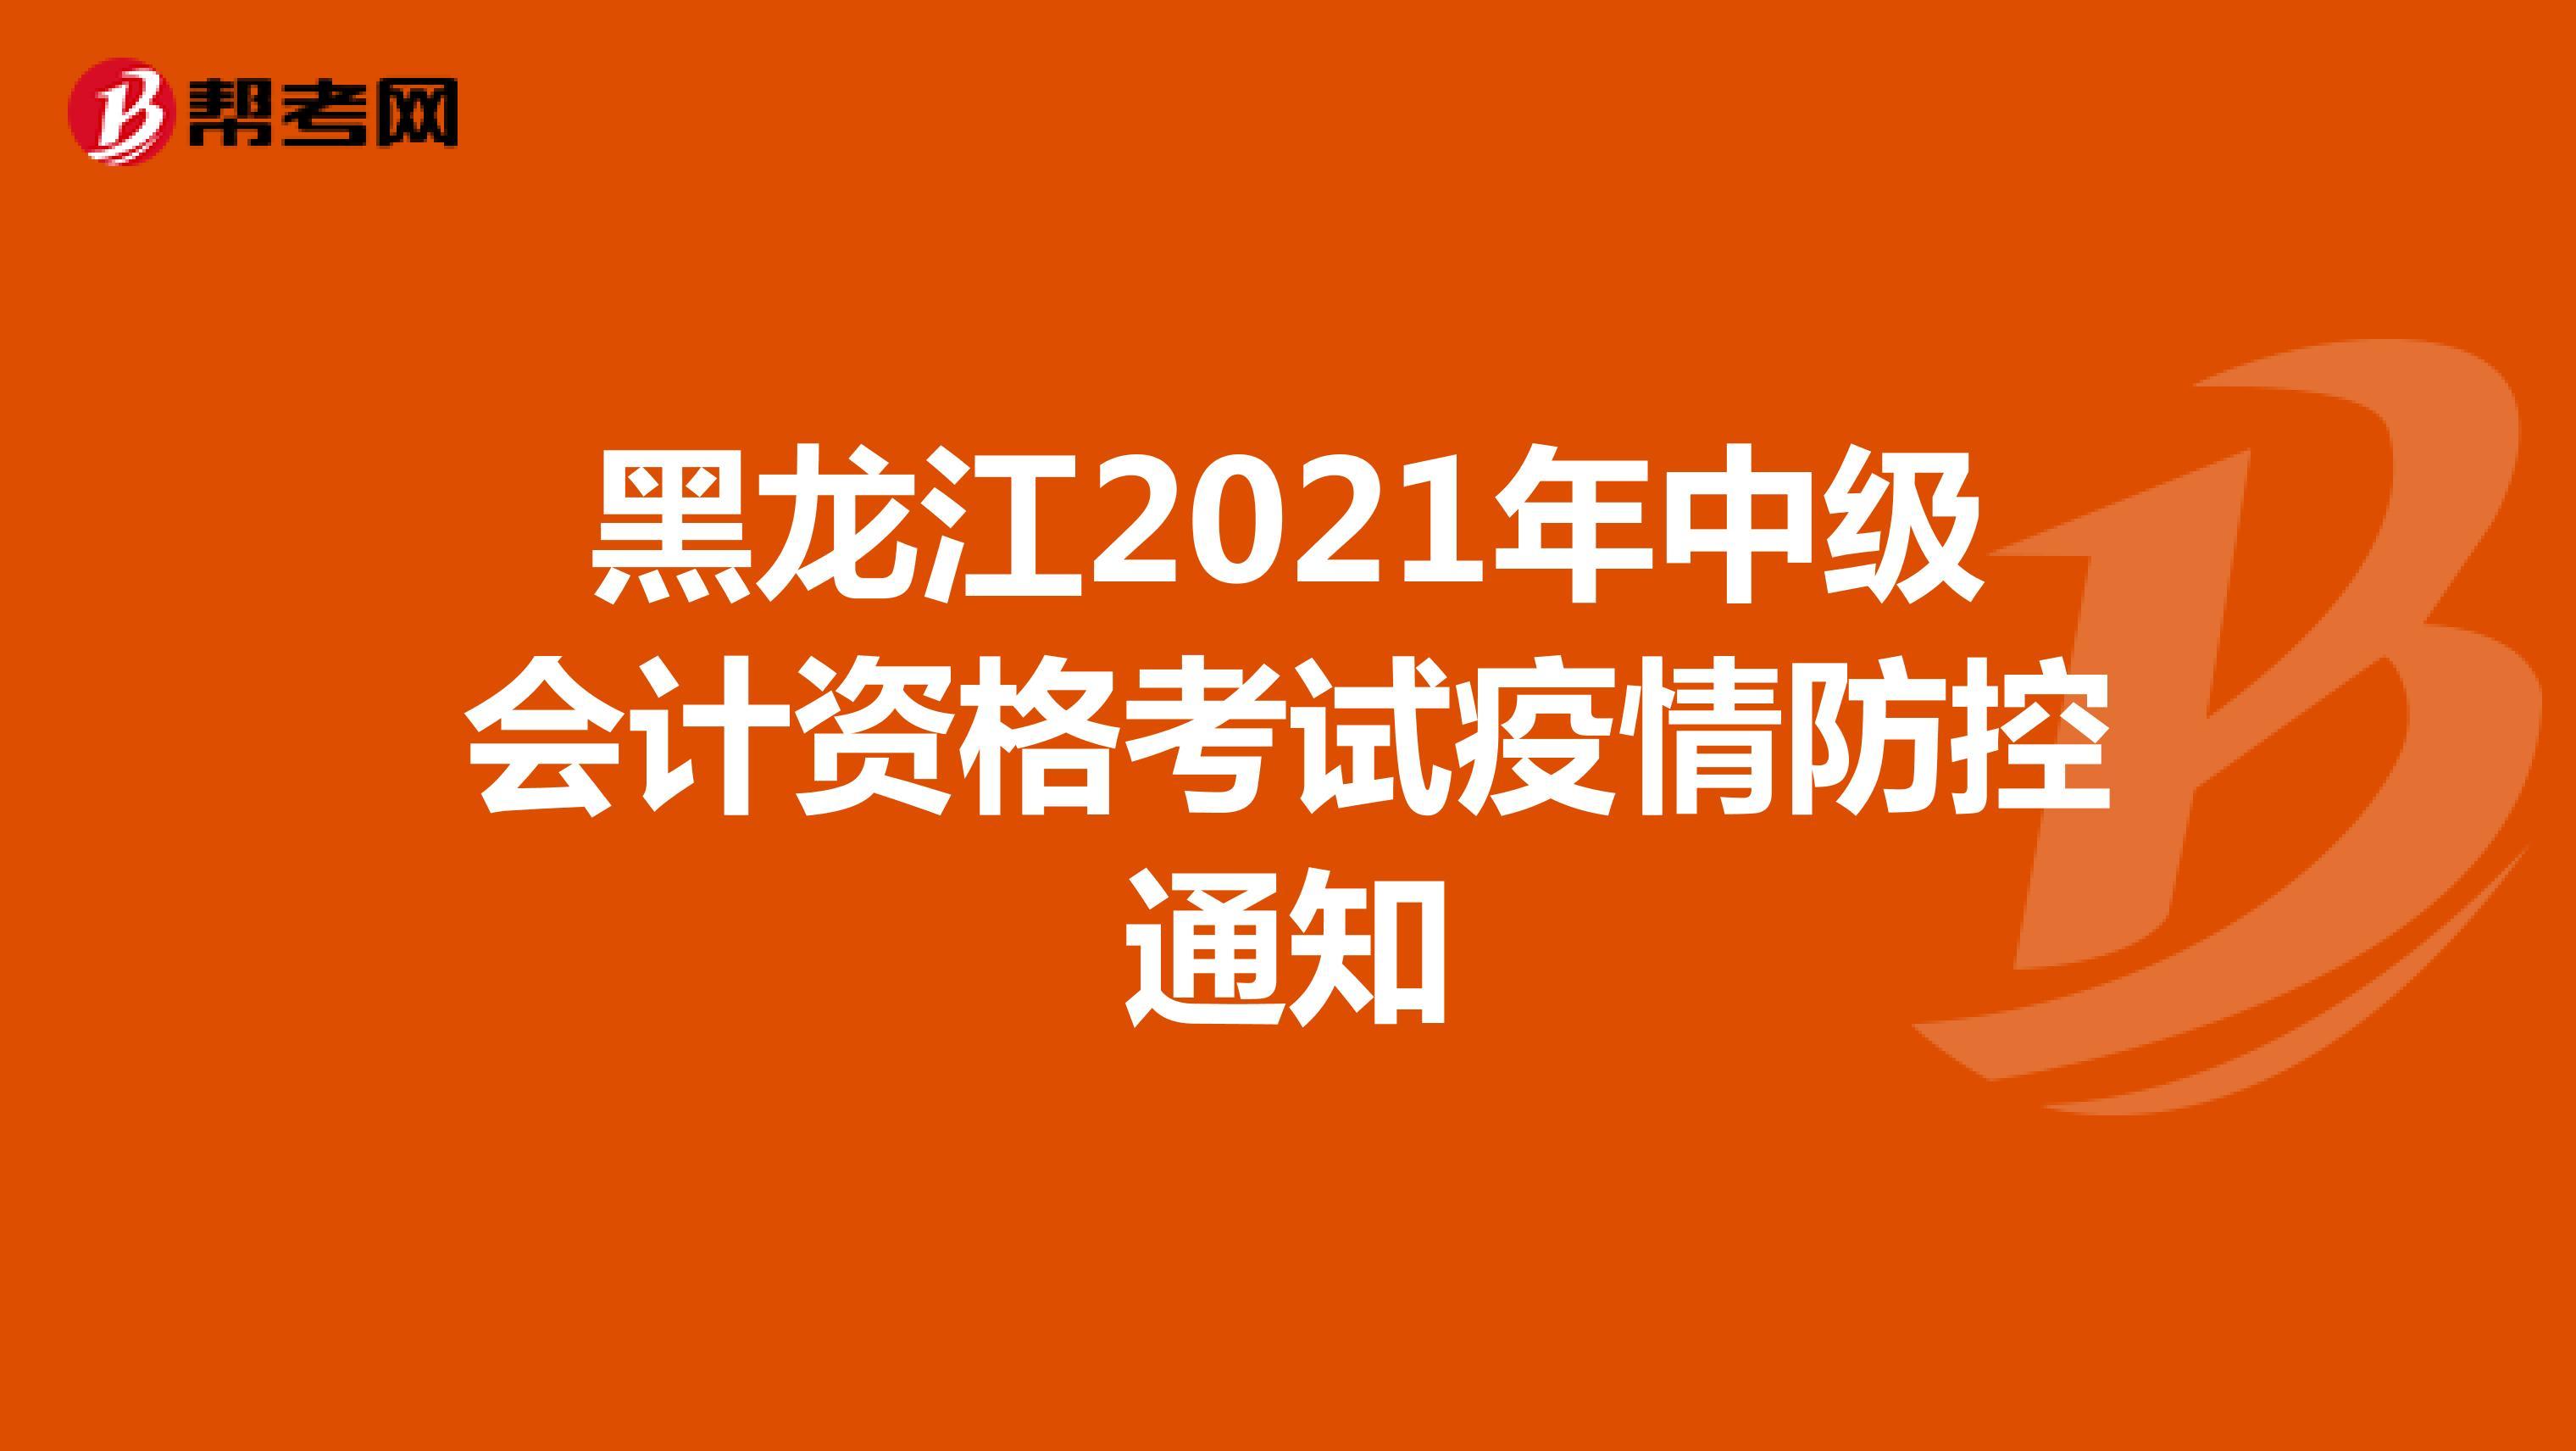 黑龙江2021年中级会计资格考试疫情防控通知